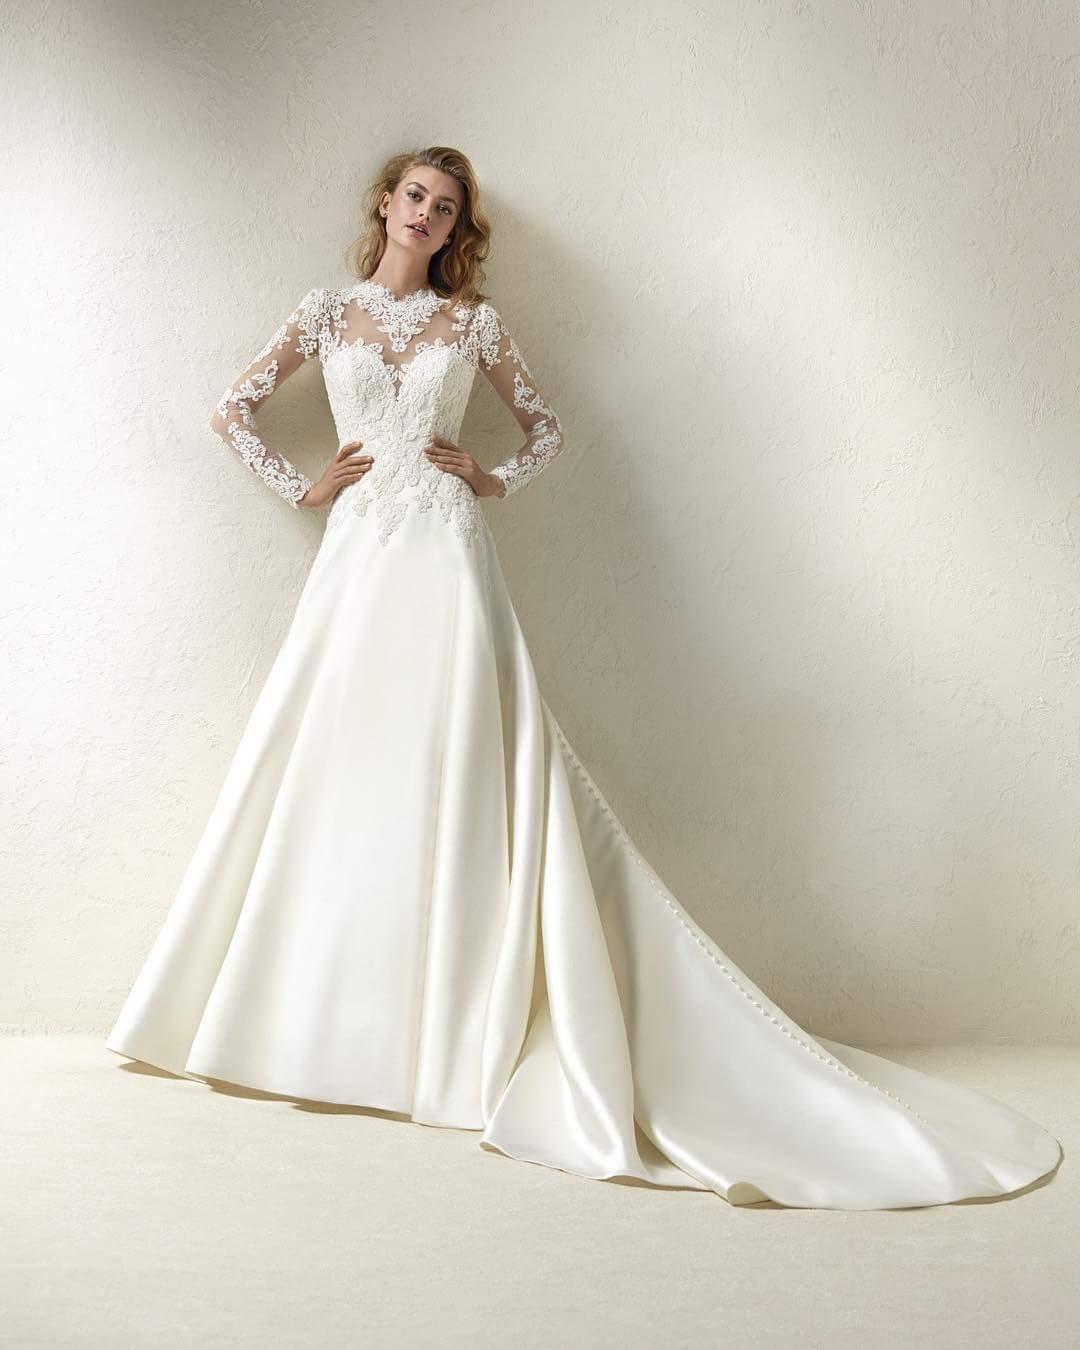 2018 Winter Wedding Dresses For Women's